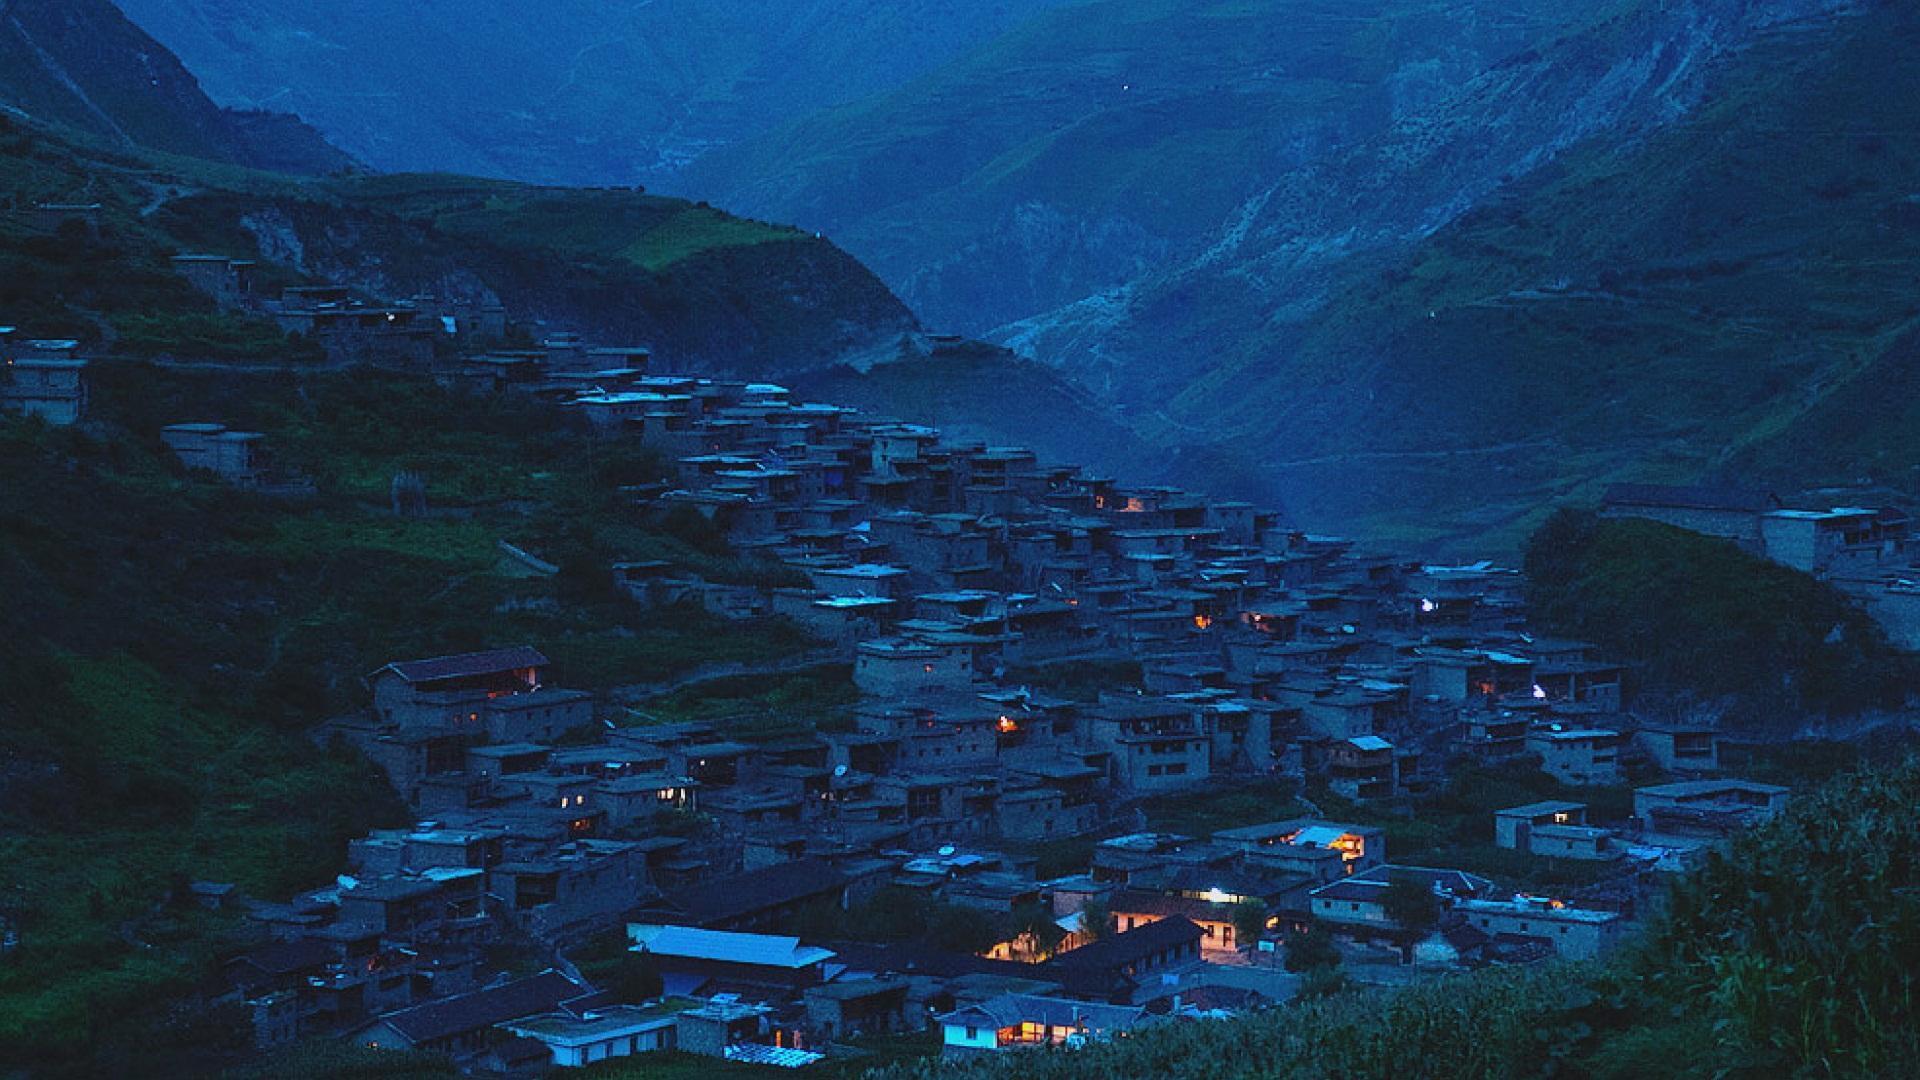 据节目披露,金阳县依达乡嘎格达村是一个贫困村,近年来村民用电从来没